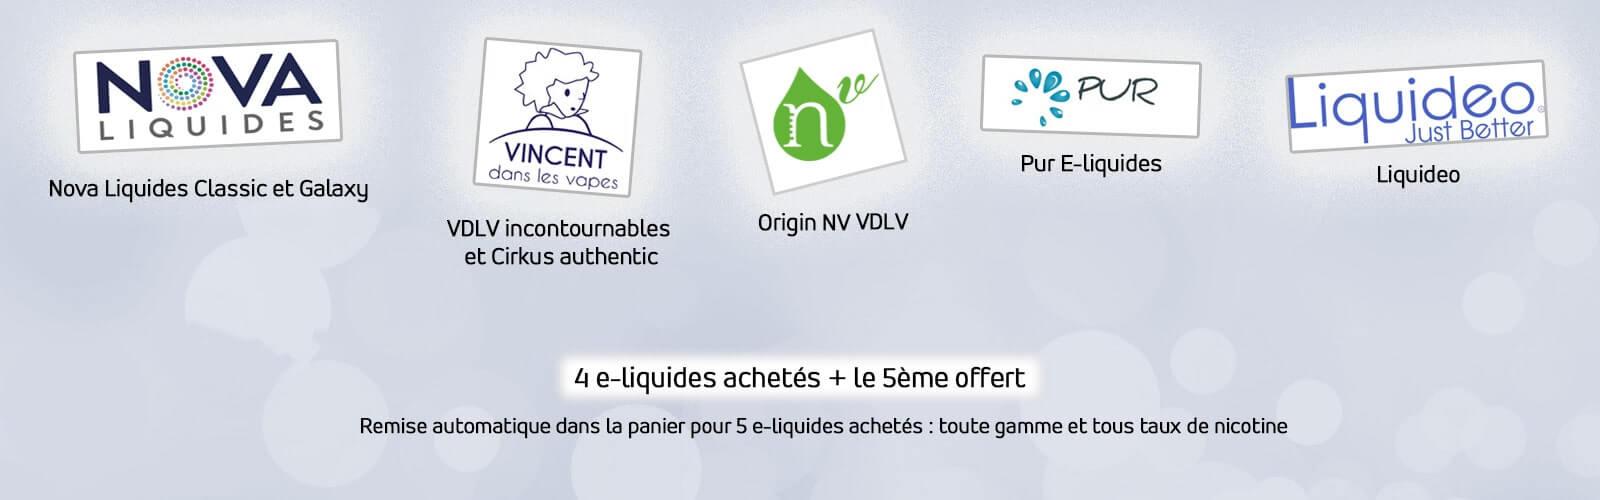 offre pack e liquide ciga france 4 e liquide achetés et le 5 ème est offert